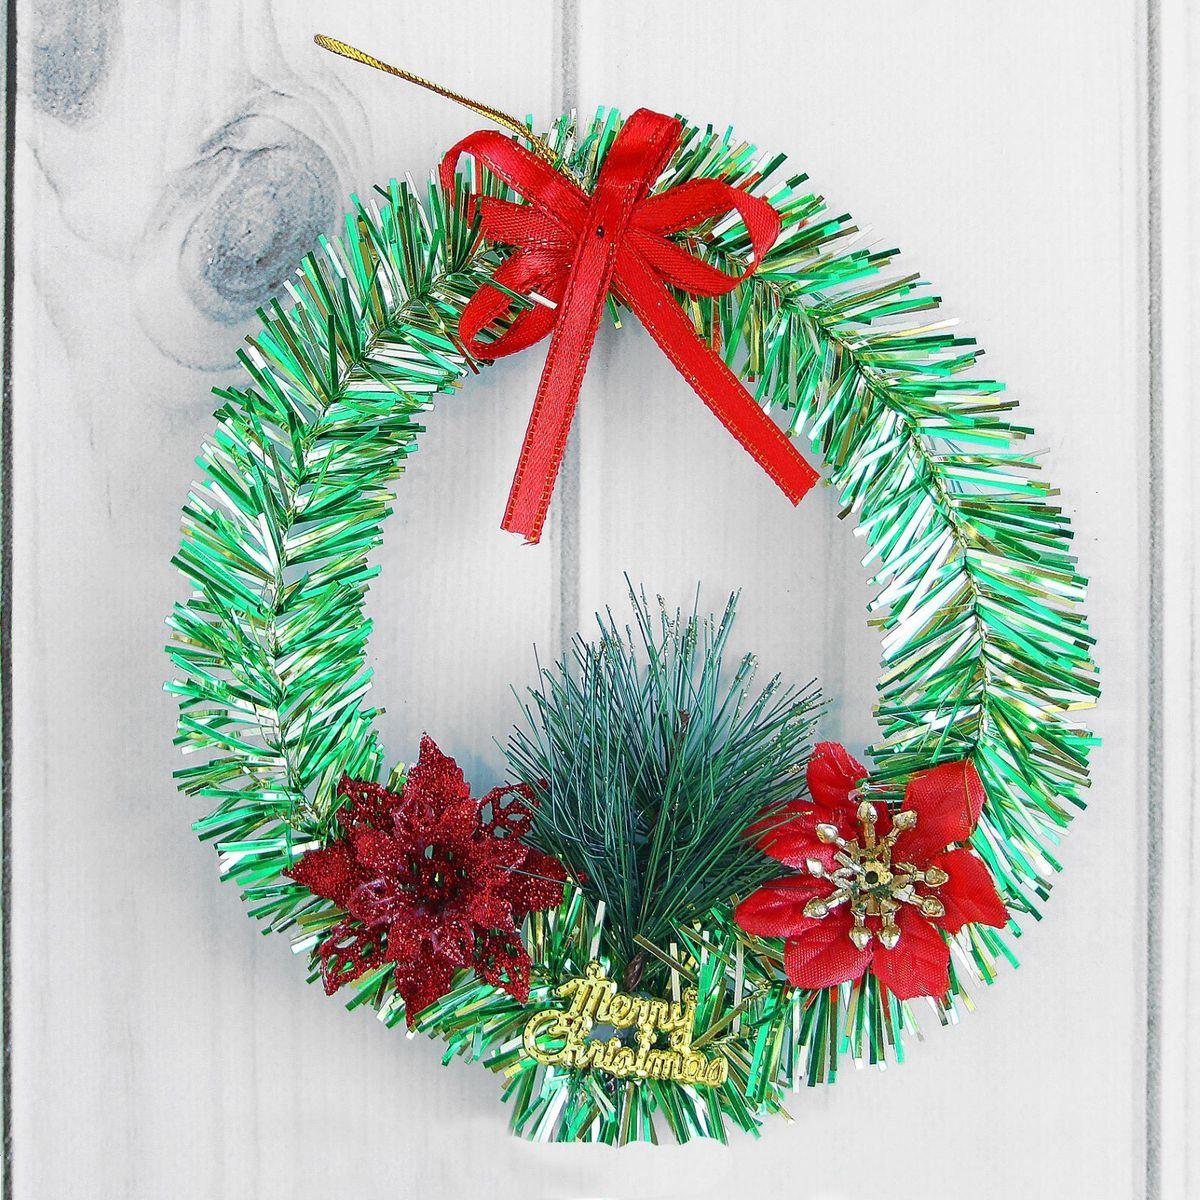 Новогоднее декоративное украшение Sima-land Венок. С цветами, диаметр 13 см новогоднее декоративное украшение sima land венок колокольчики и шишки диаметр 19 см